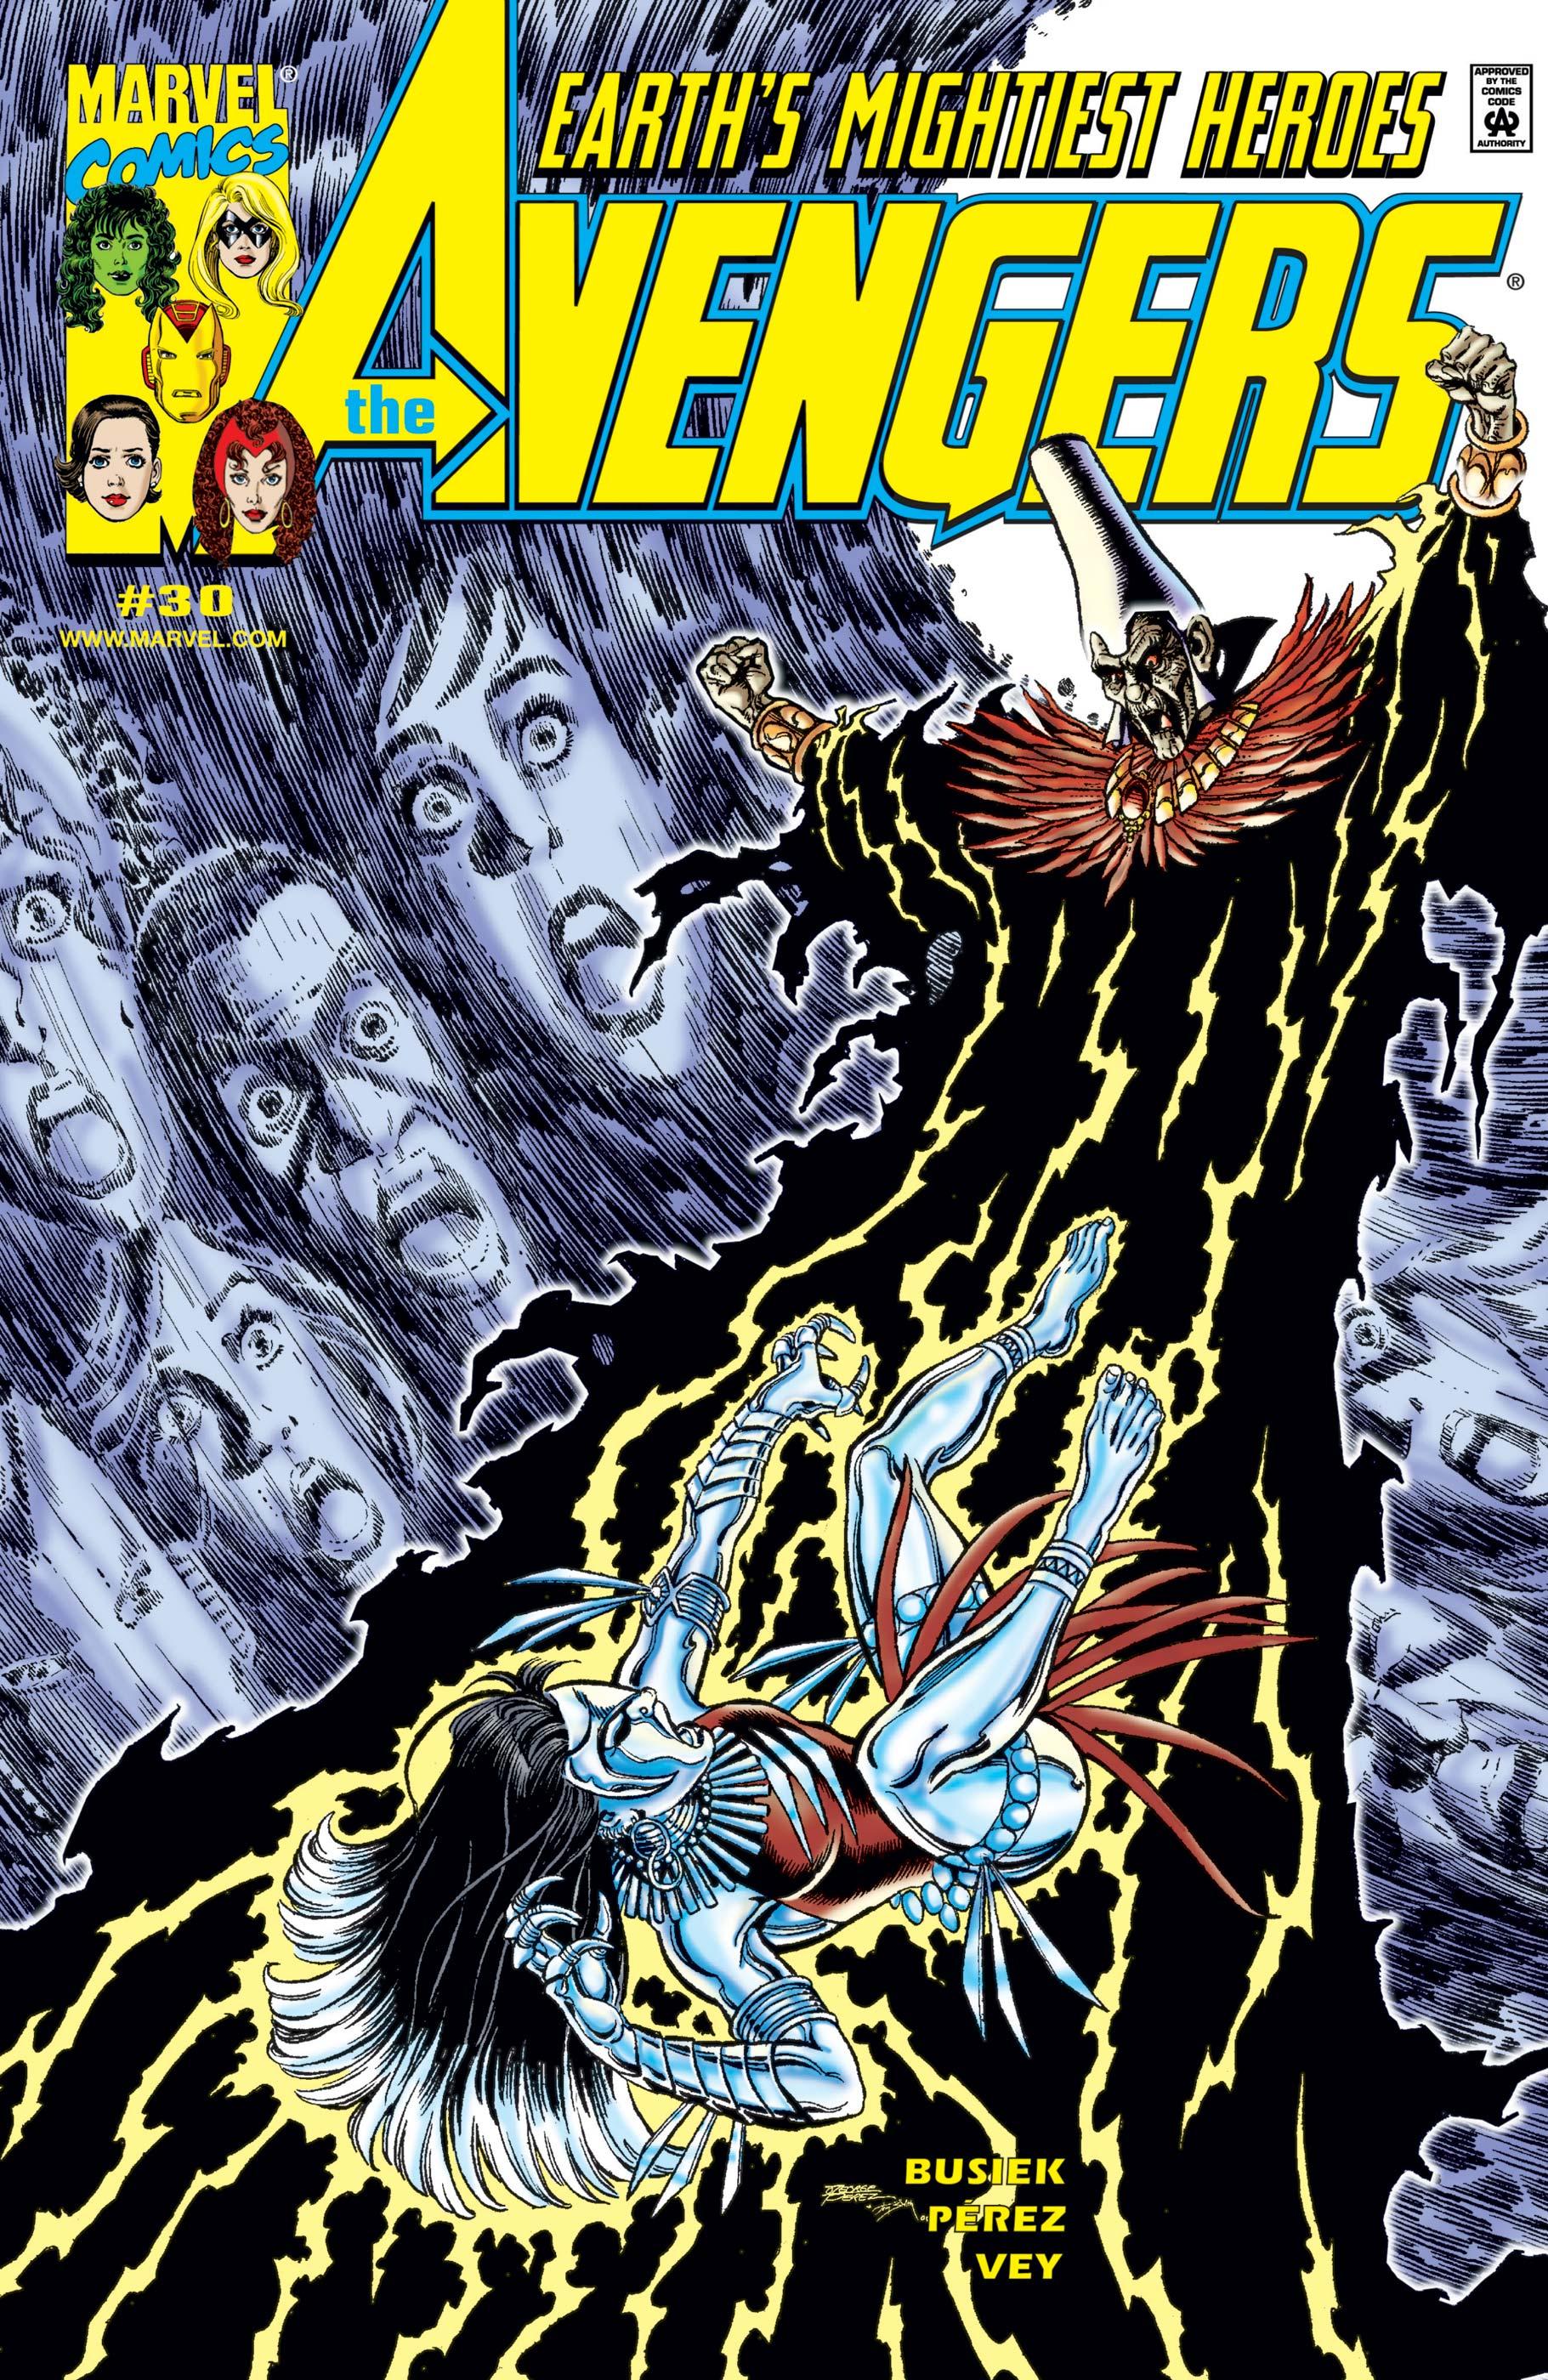 Avengers (1998) #30